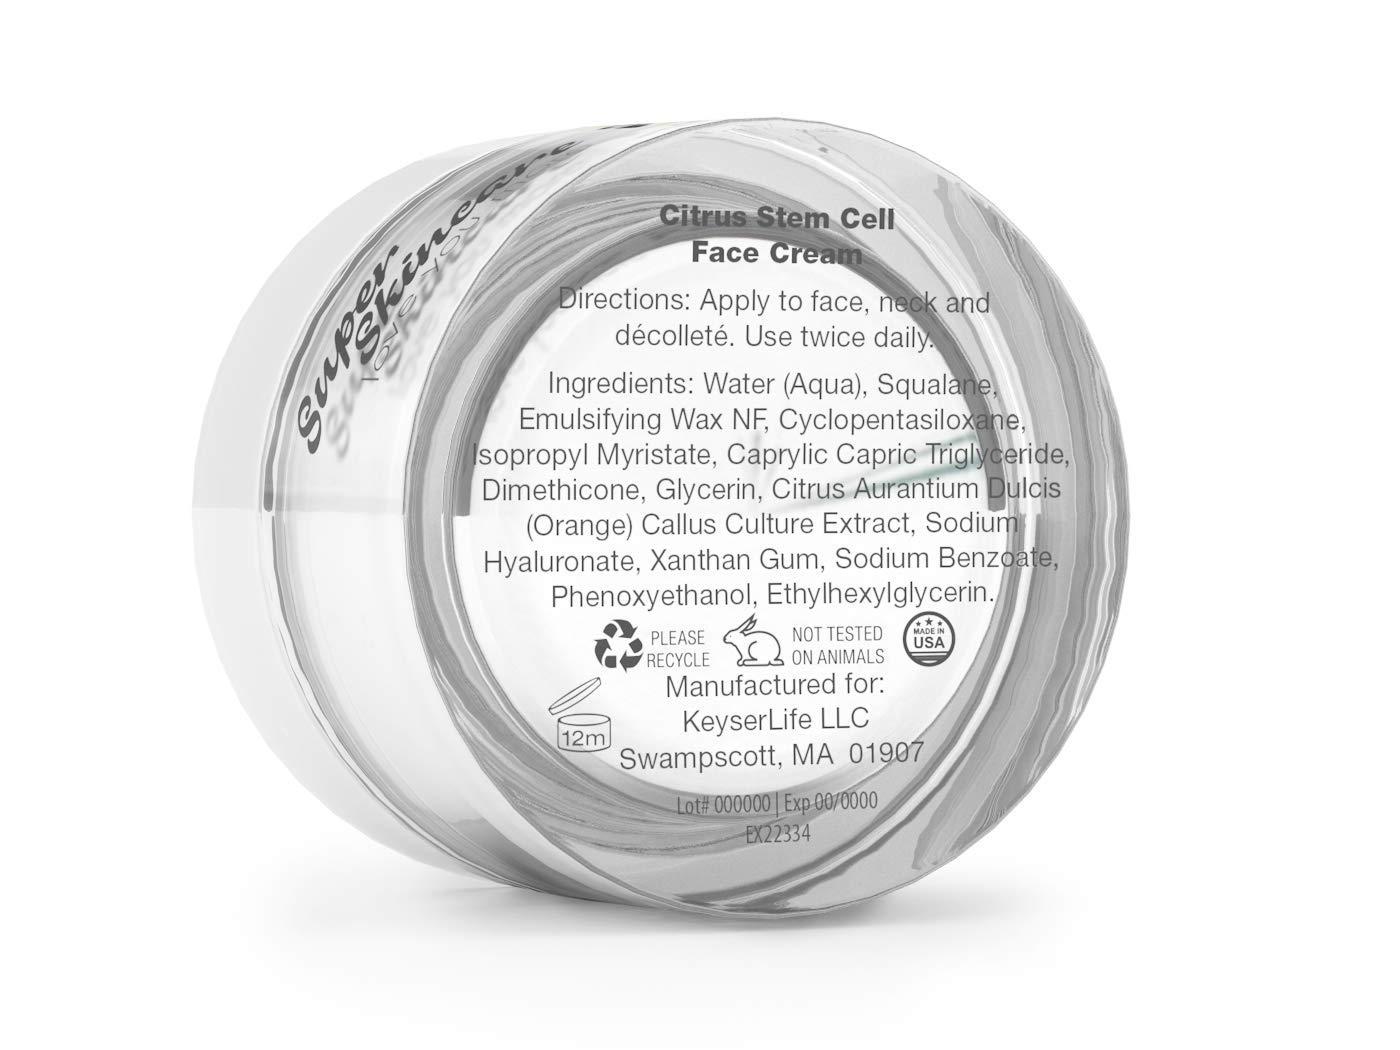 Citrus Stem Cell Face Cream 1oz.